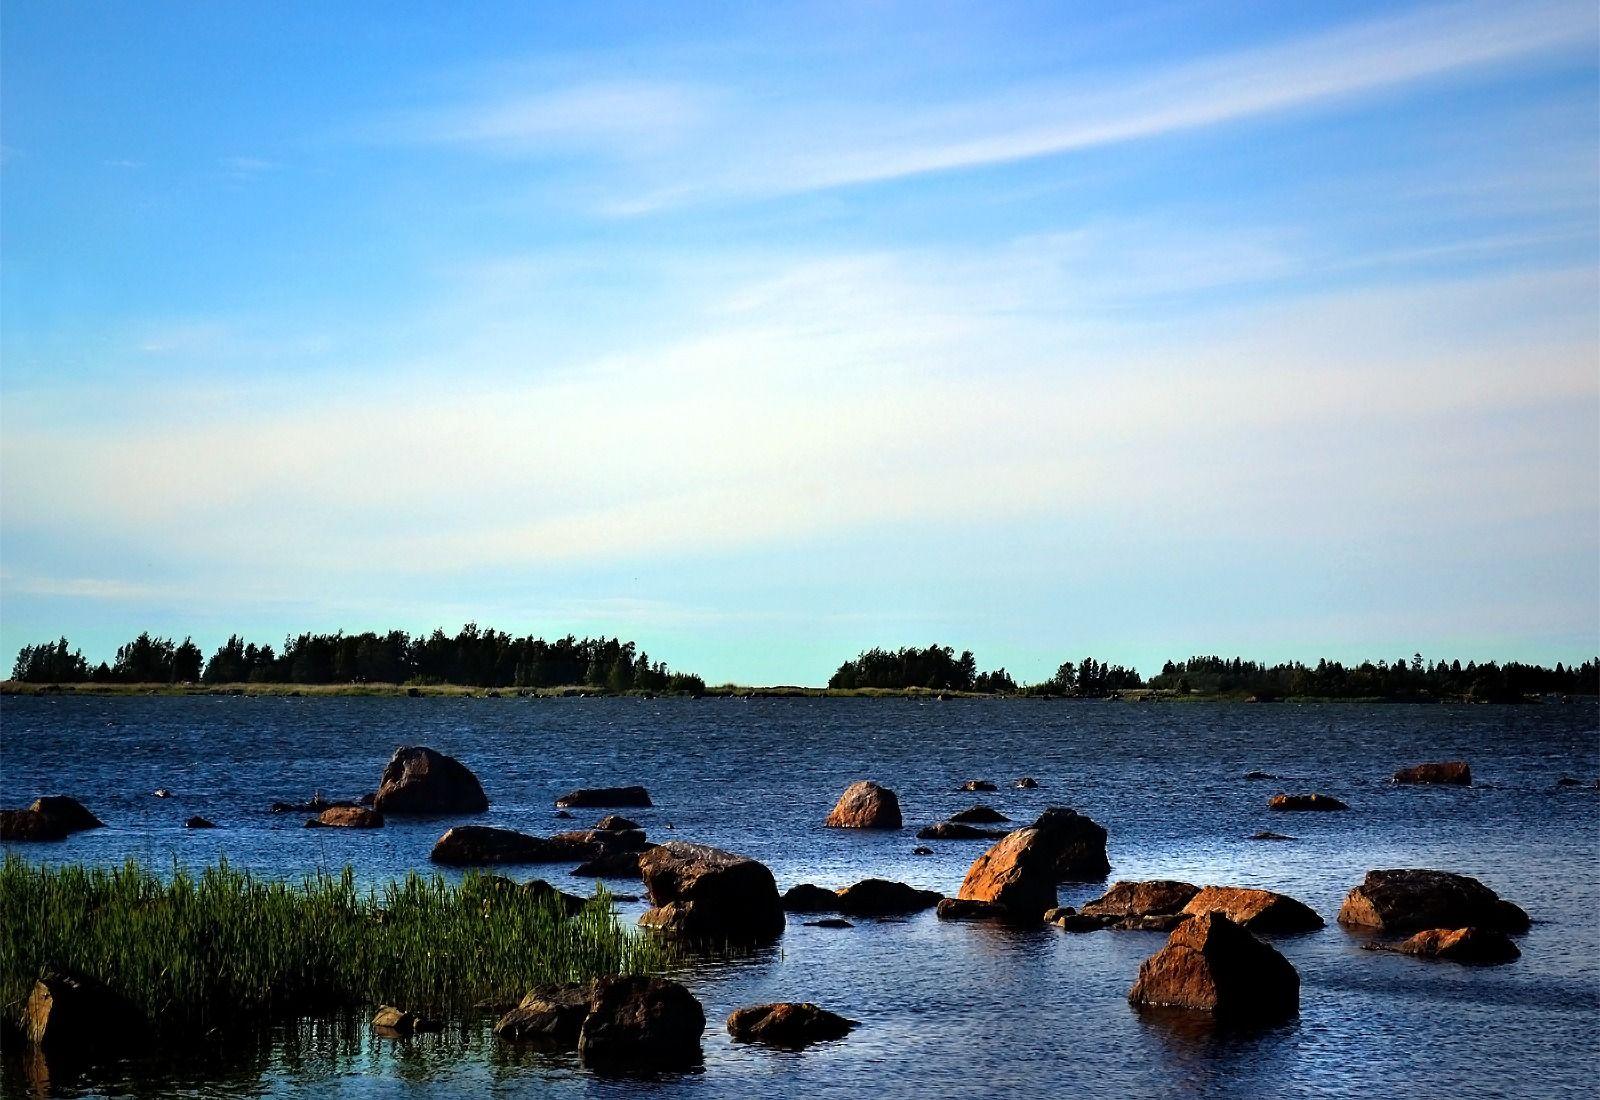 ヘーガ・クステンとクヴァルケン群島の画像 p1_2